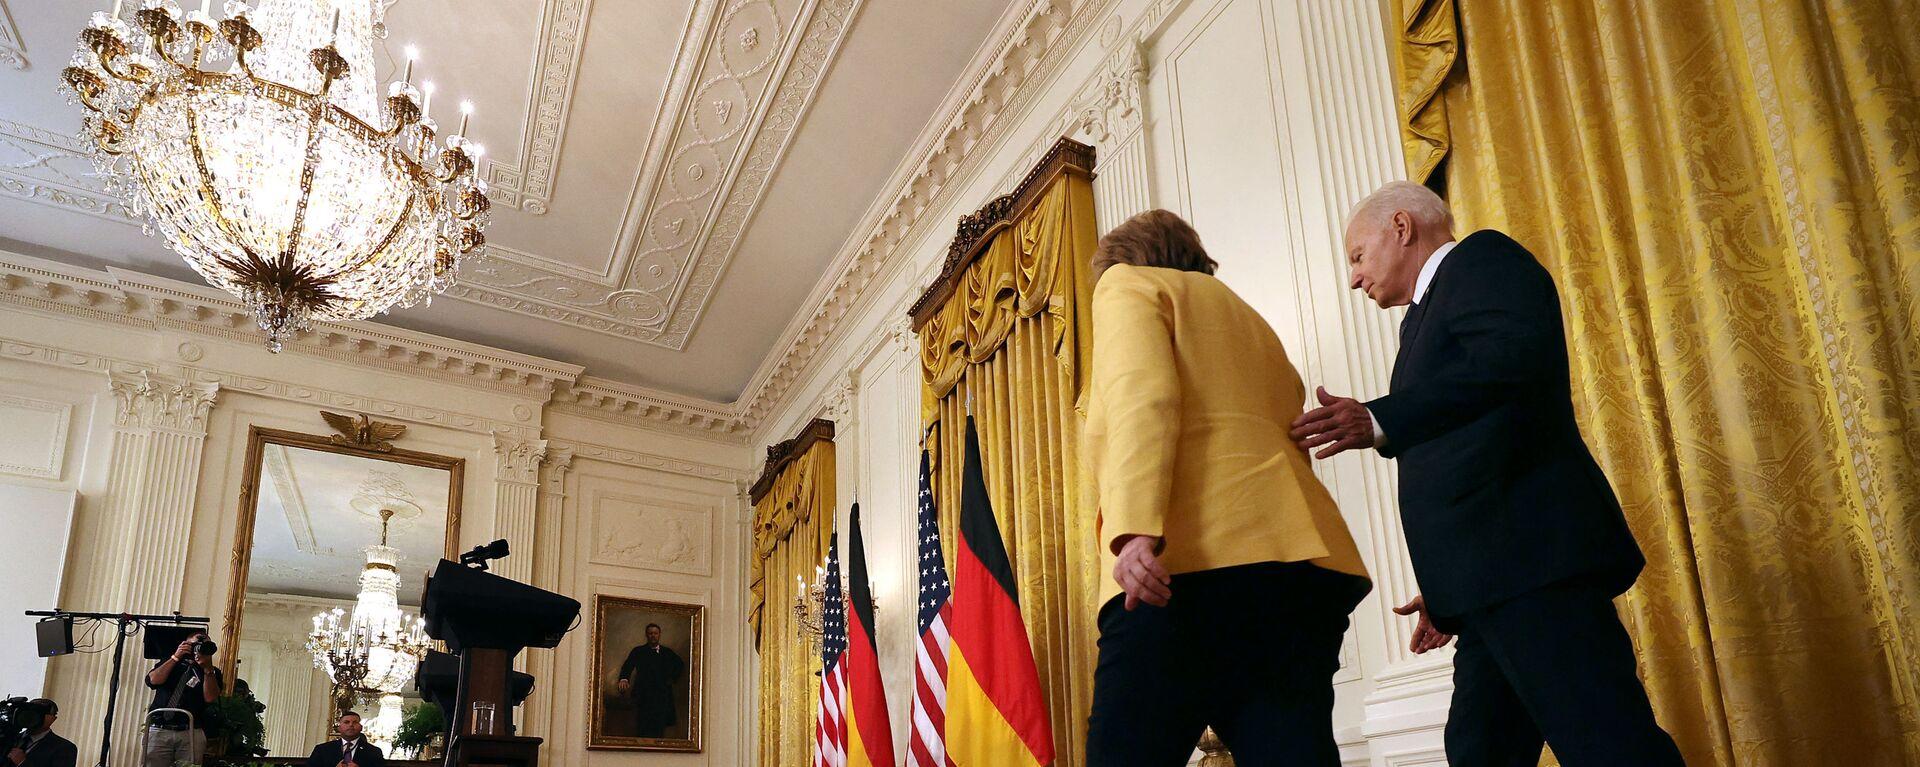 Prezydent USA Joe Biden i kanclerz Niemiec Angela Merkel przed rozpoczęciem wspólnej konferencji prasowej w Waszyngtonie, USA - Sputnik Polska, 1920, 16.07.2021